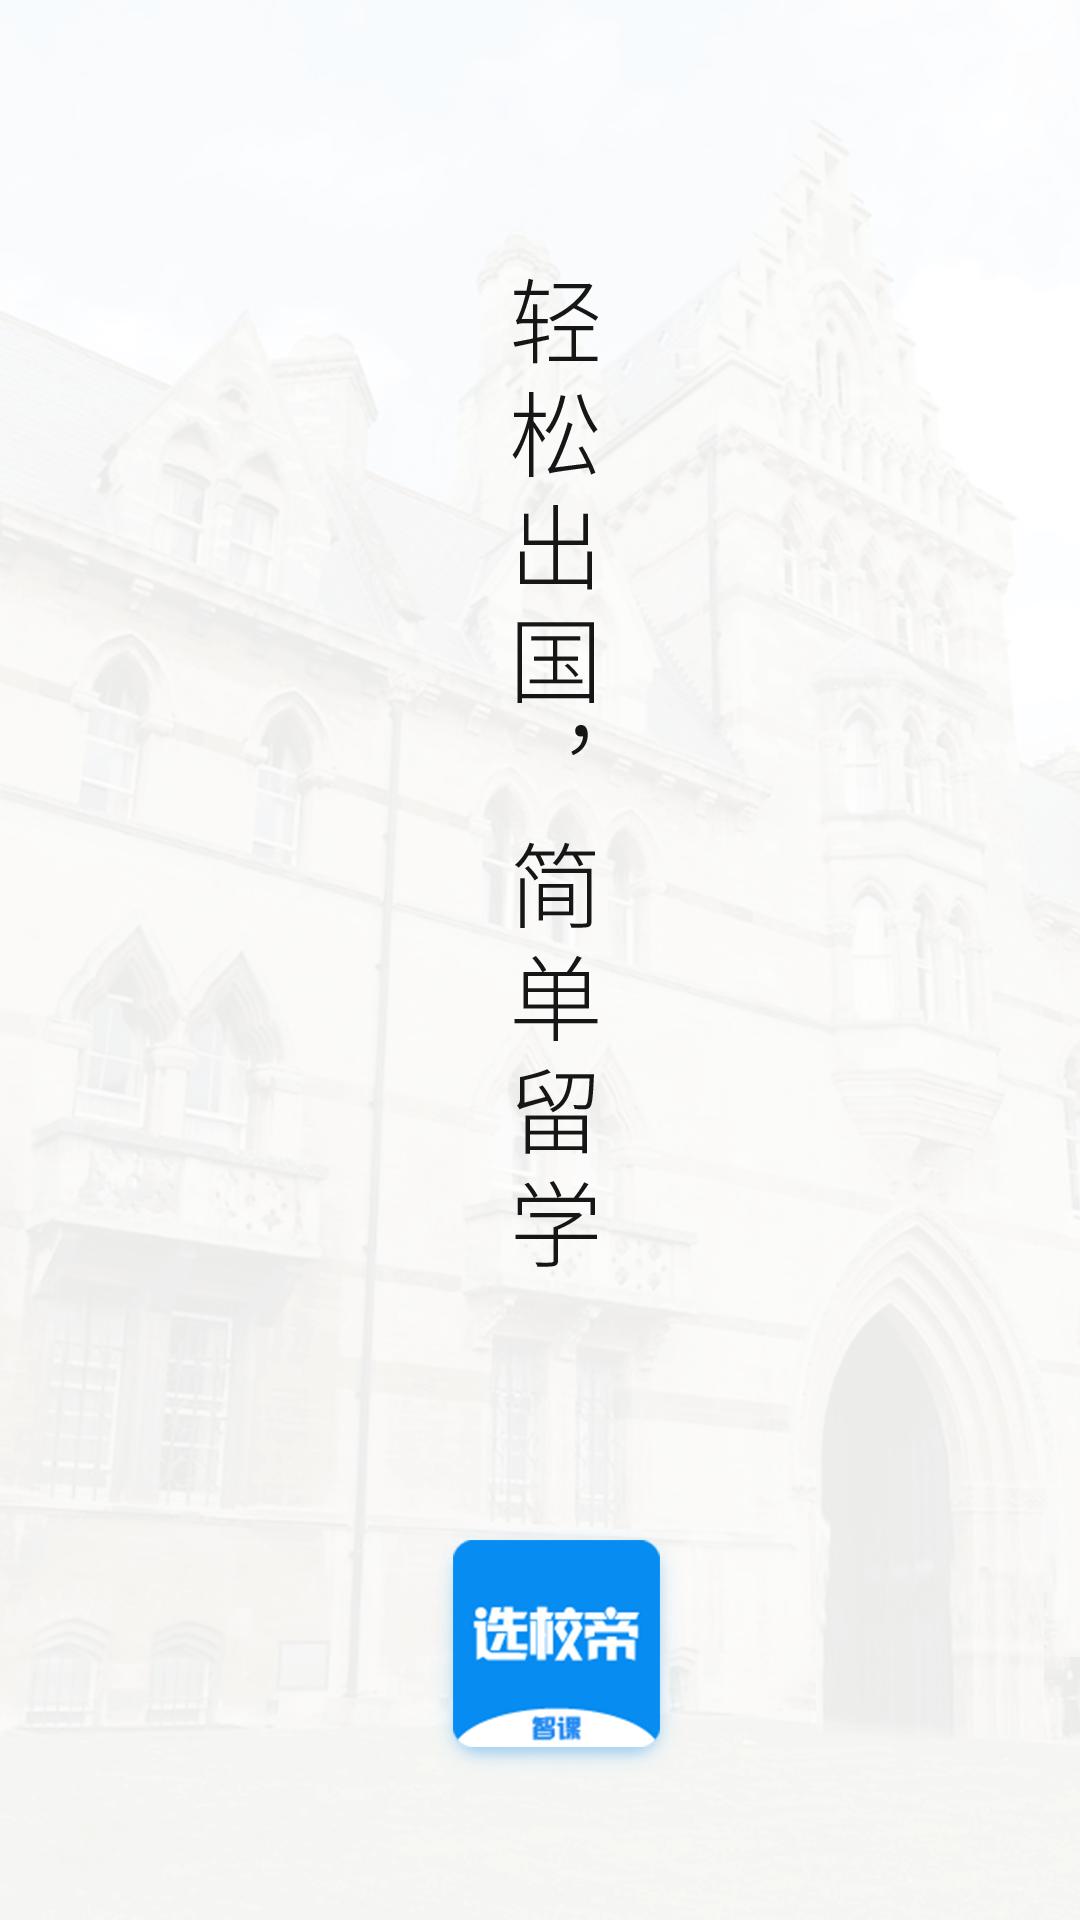 智课选校帝 V2.3.0